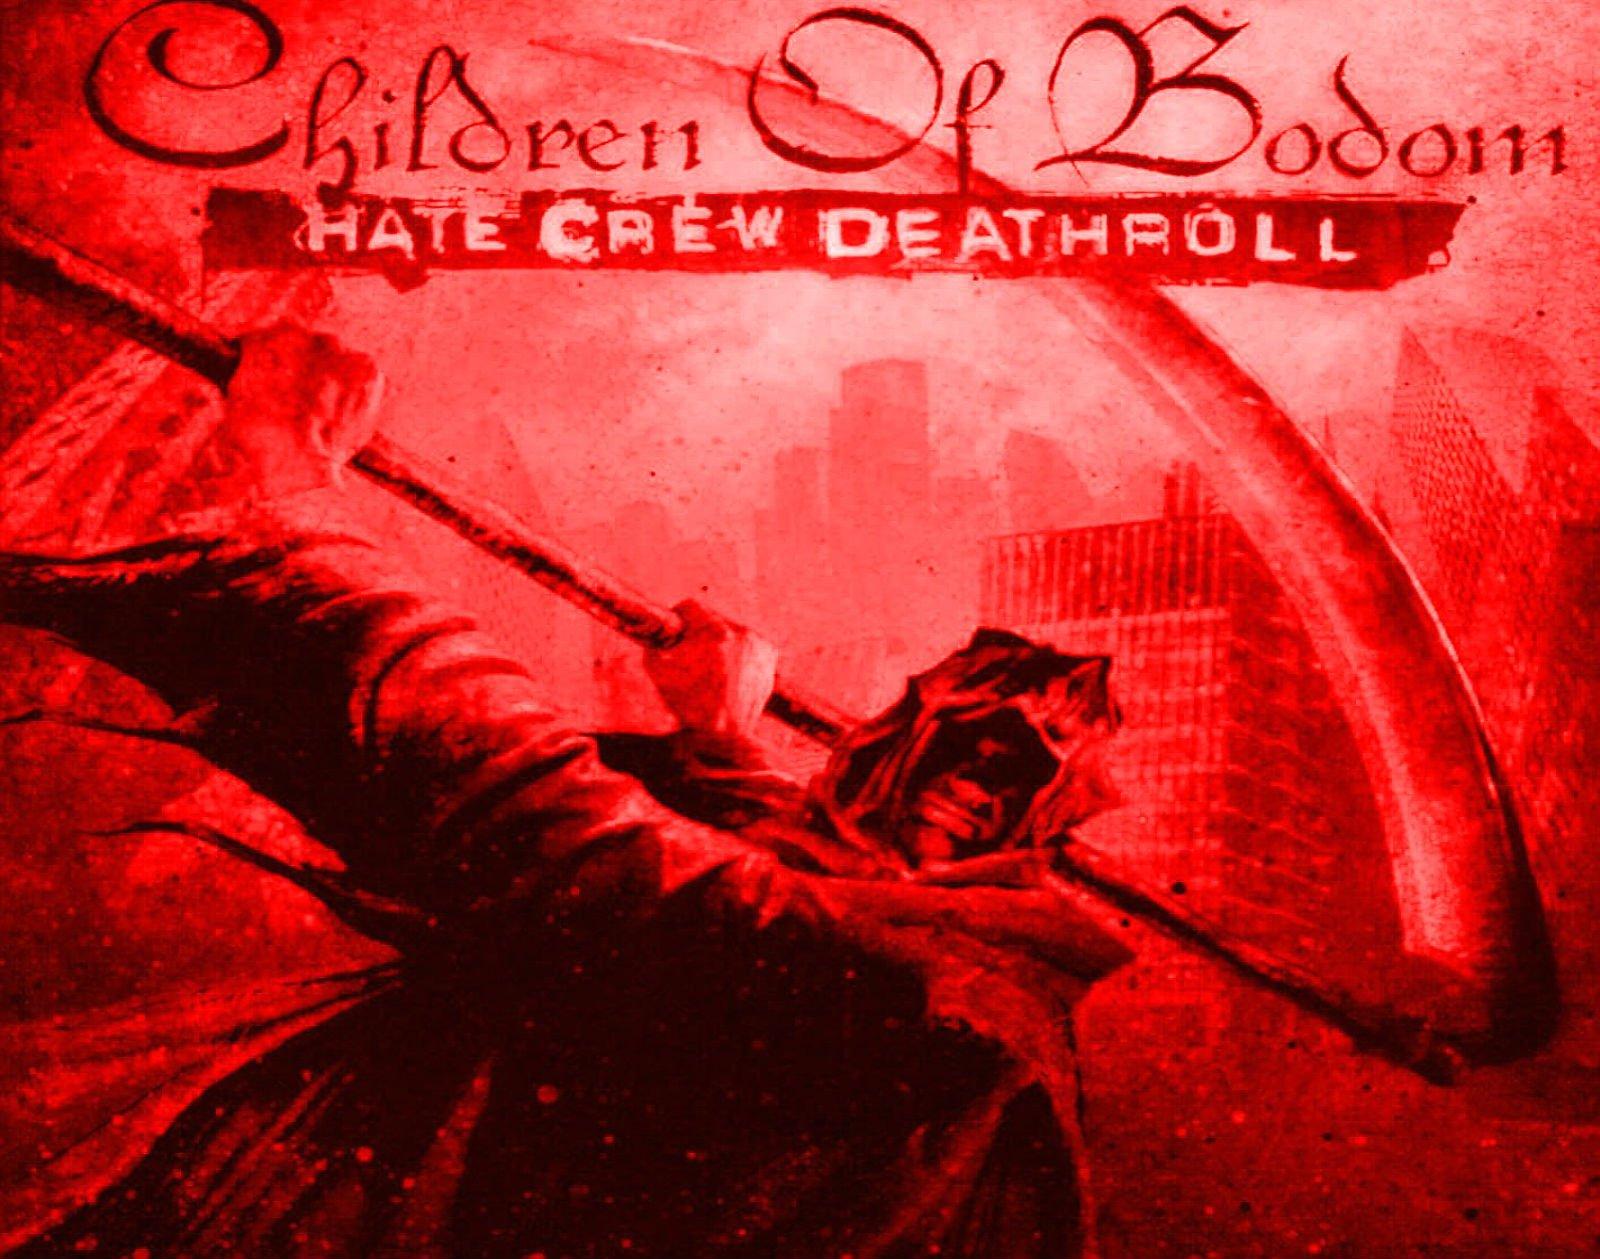 CHILDREN OF BODOM thrash death metal heavy technical ...